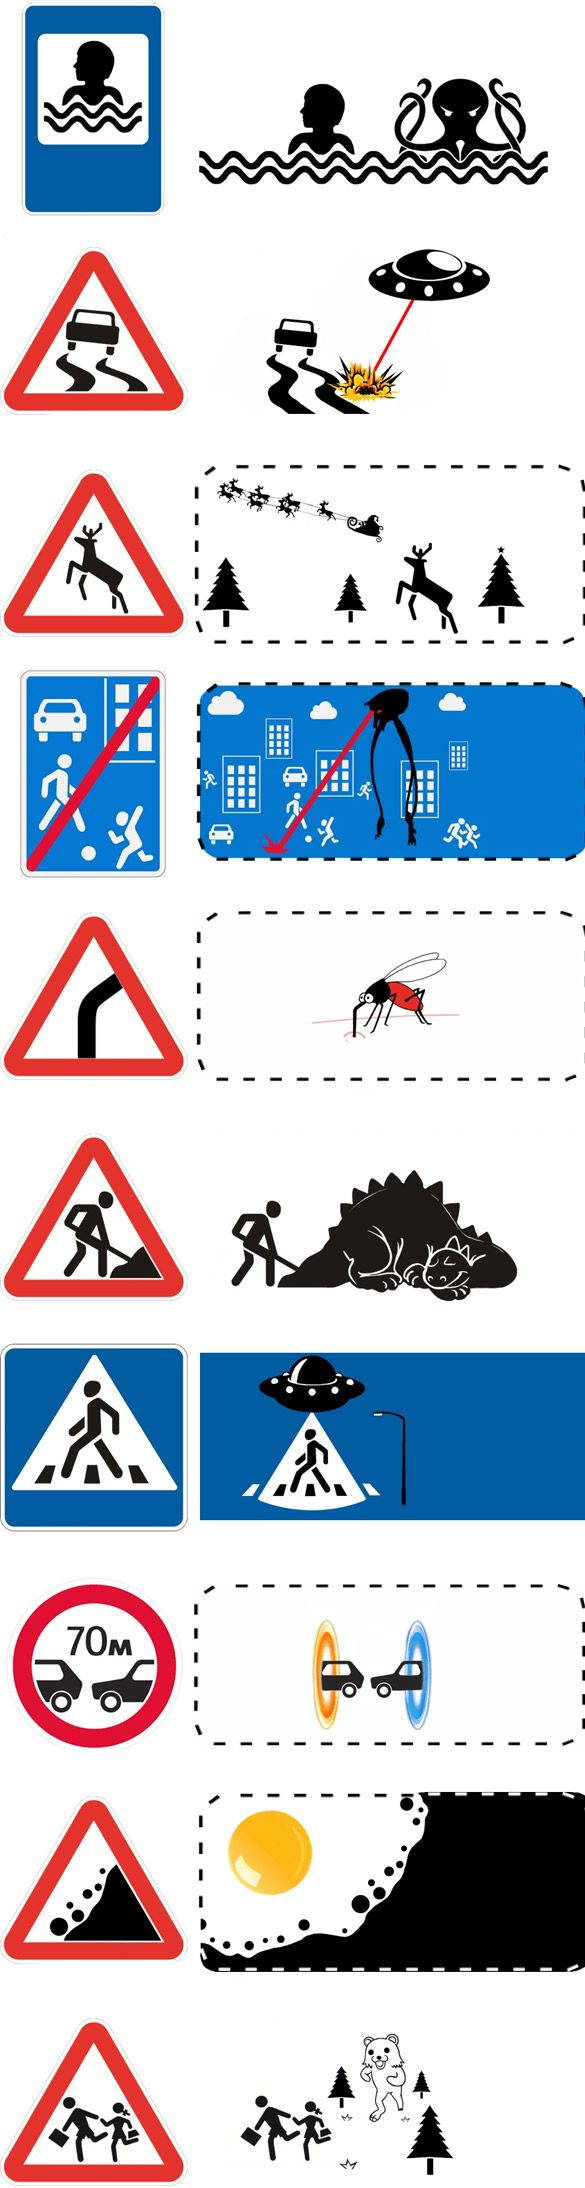 Découvrez le vrai sens sur les panneaux de signalisation!